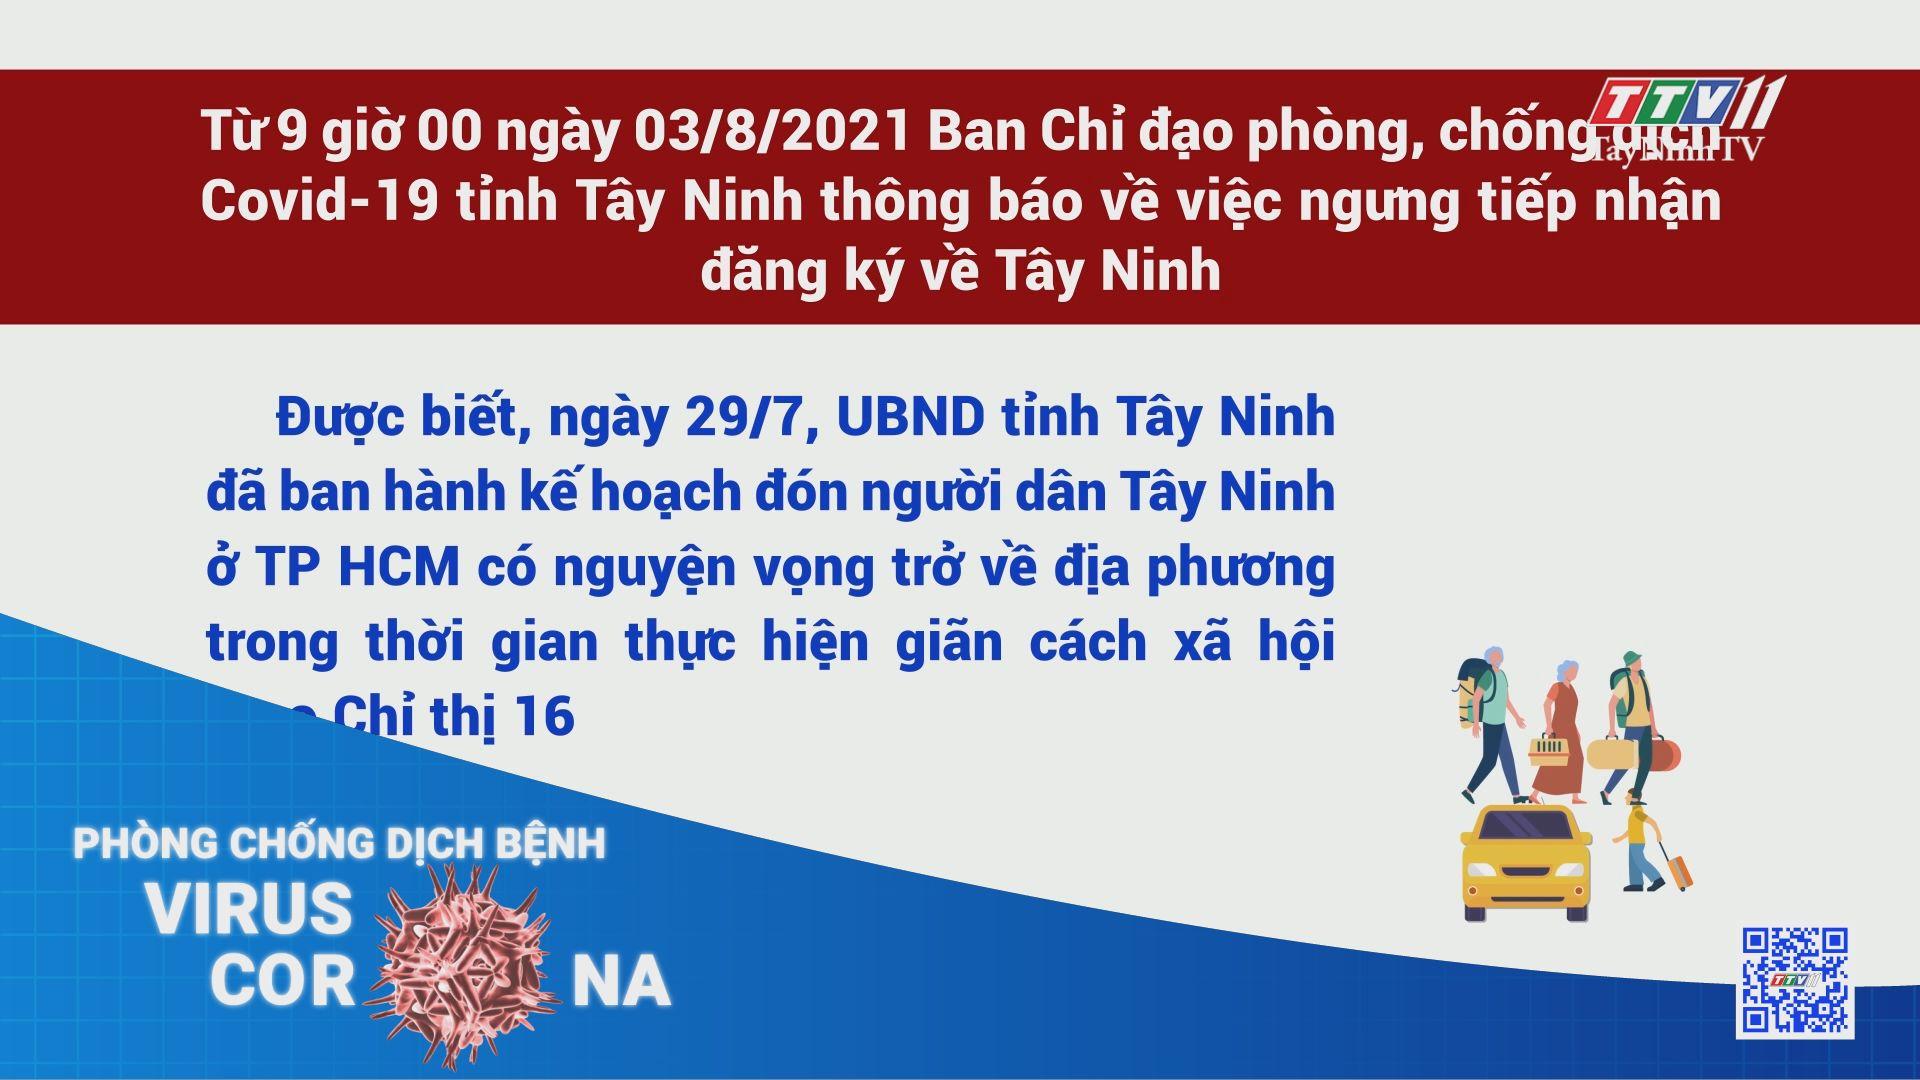 Thông báo về việc ngưng tiếp nhận đăng ký đón người dân Tây Ninh từ TP.Hồ Chí Minh về Tây Ninh | THÔNG TIN DỊCH COVID-19 | TayNinhTV